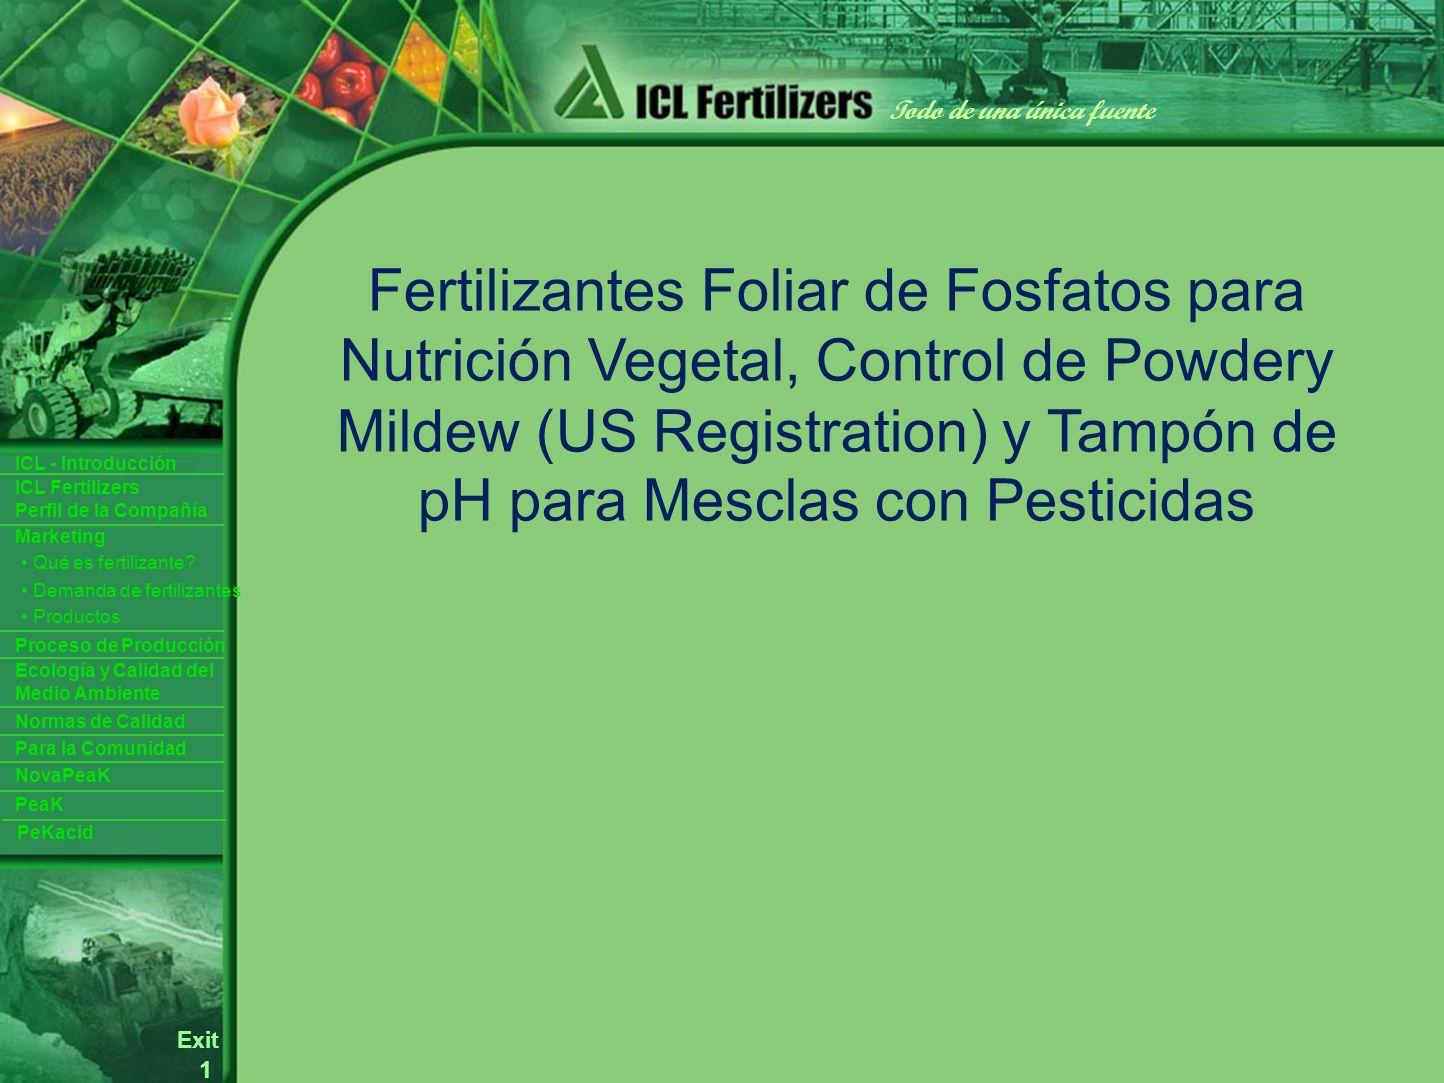 1 Exit Todo de una única fuente ICL Fertilizers Perfil de la Compañía ICL - Introducción Productos Para la Comunidad Ecología y Calidad del Medio Ambiente Normas de Calidad Marketing Proceso de Producción Demanda de fertilizantes Qué es fertilizante.